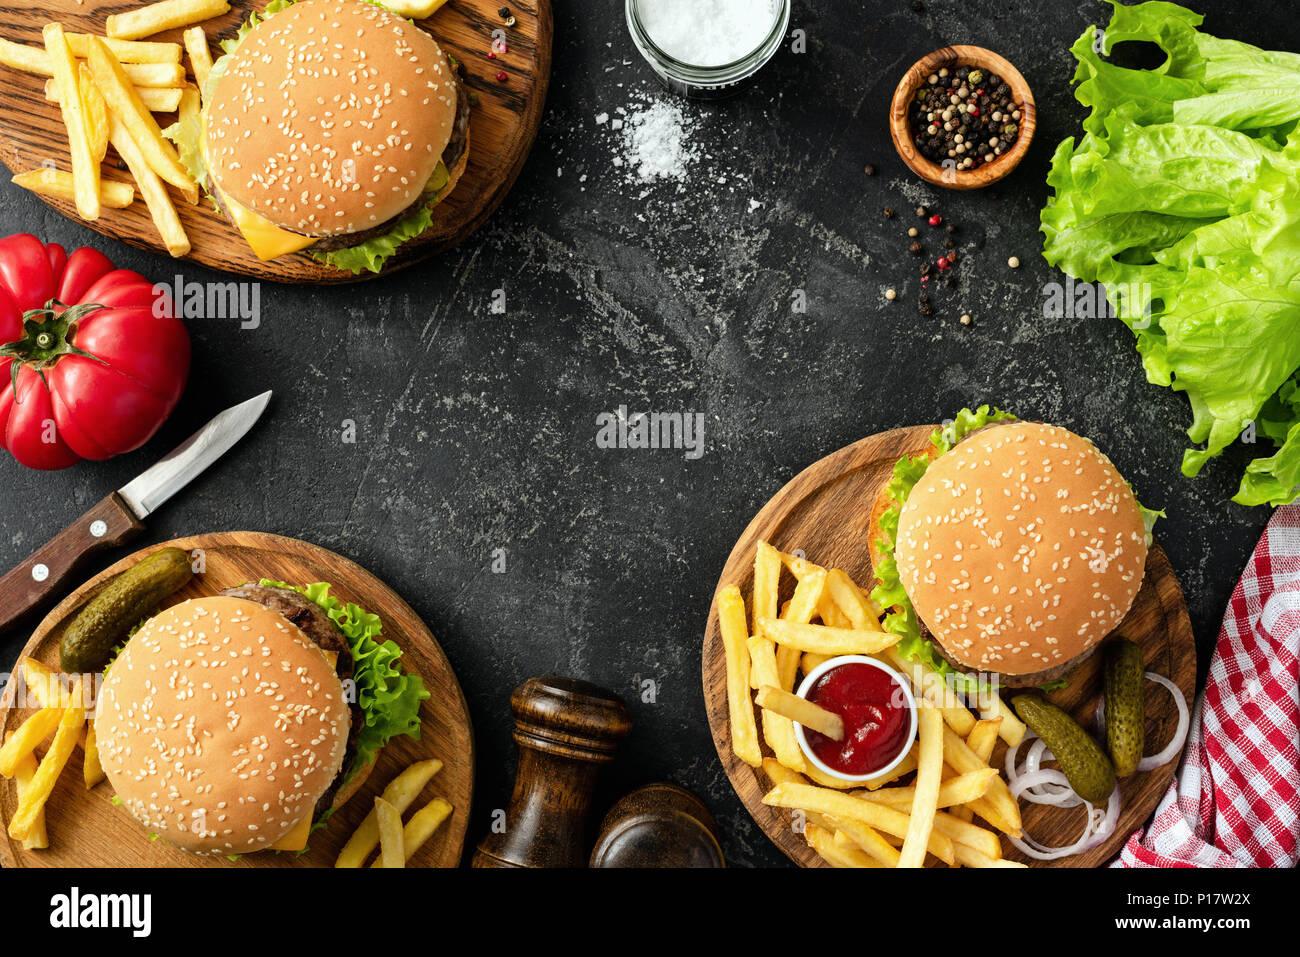 Burger, Hamburger, Pommes Frites und frischem Gemüse. BBQ party food. Dunkler Hintergrund, Ansicht von oben kopieren und Platz für Text. Sommer Grill Konzept Stockbild